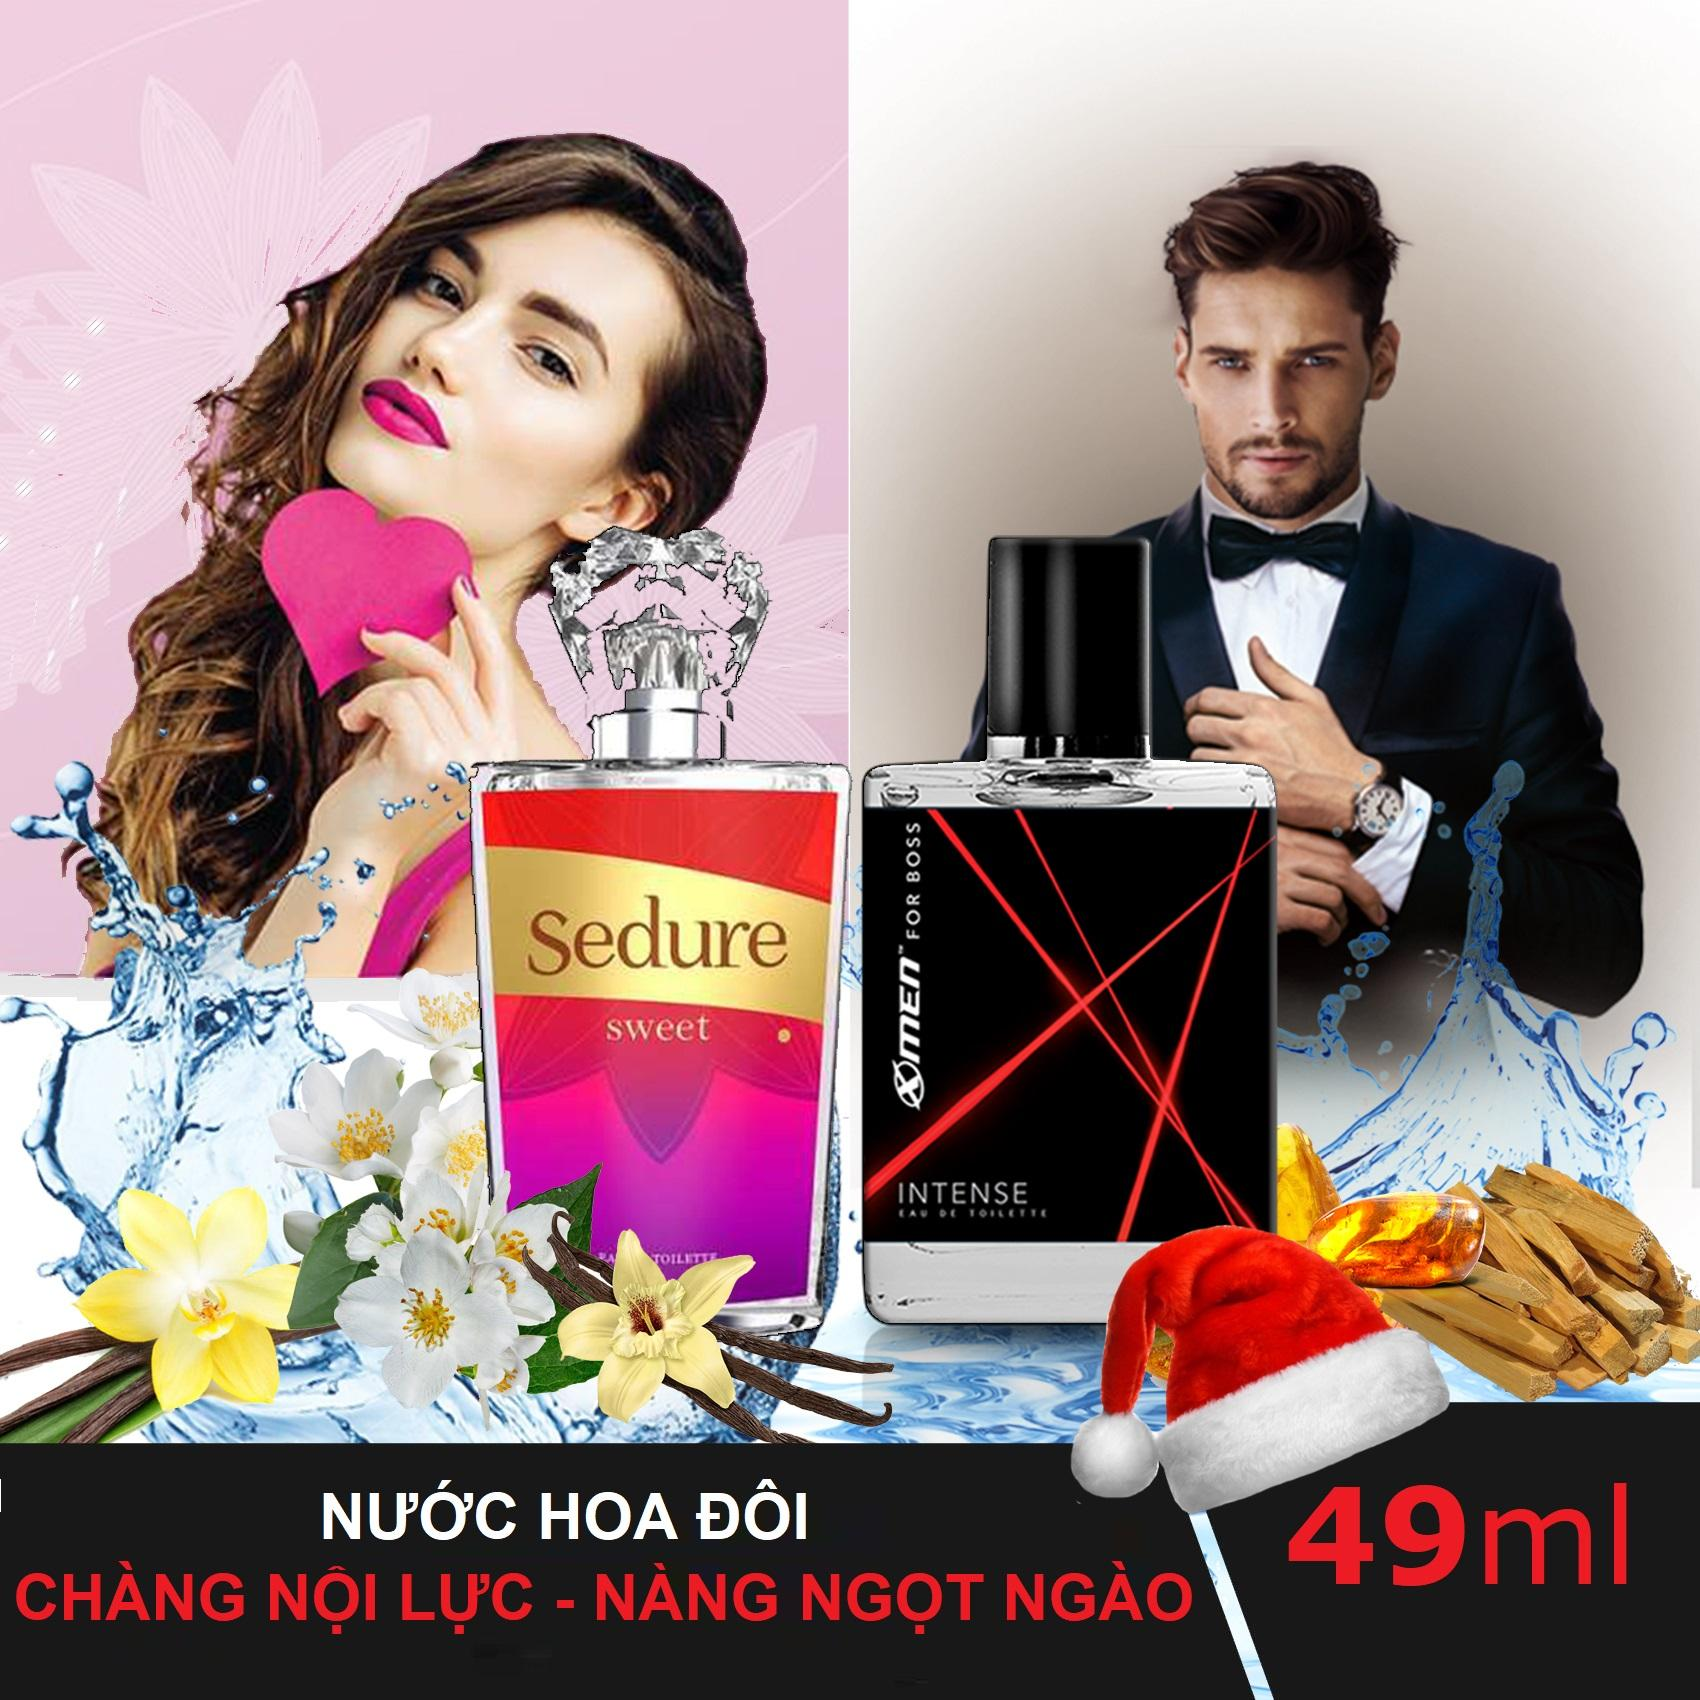 Nước hoa đôi chào Noel 2018: Nước hoa Xmen for Boss Intense + Nước hoa Sedure Sweet - Cặp Đôi Thần Thái